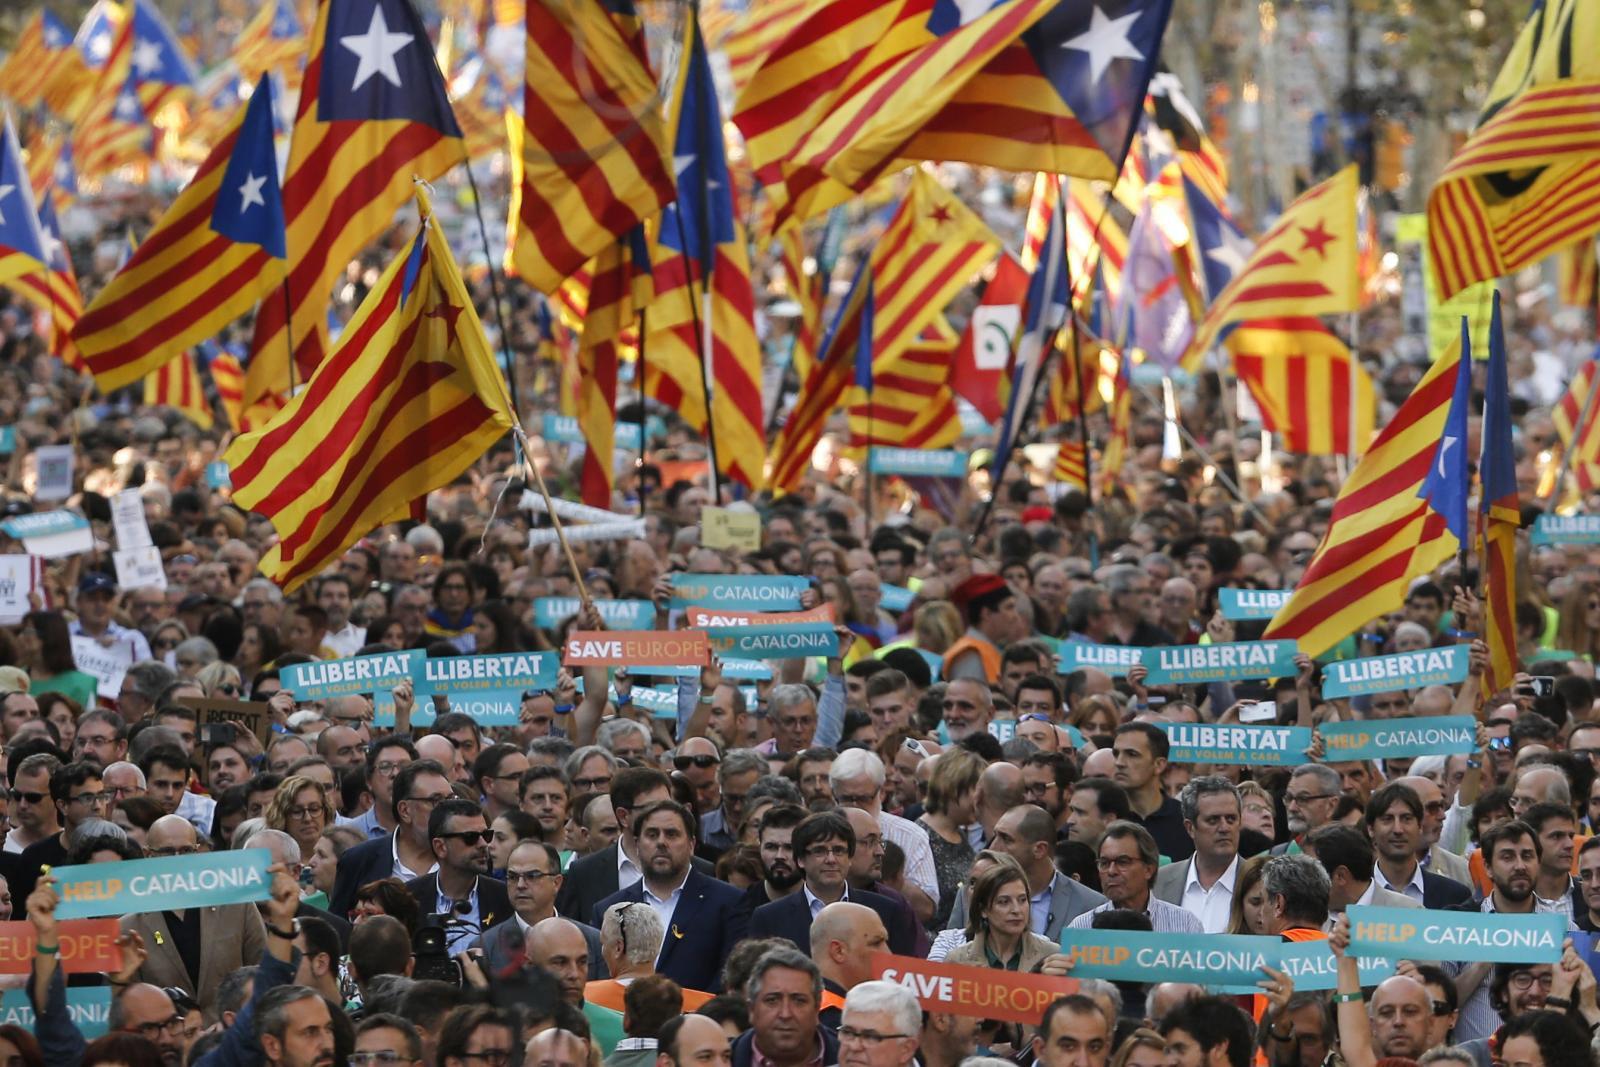 ชาวกรุงมาดริด ประท้วงรัฐบาลสเปนยึดอำนาจกาตาลุญญา